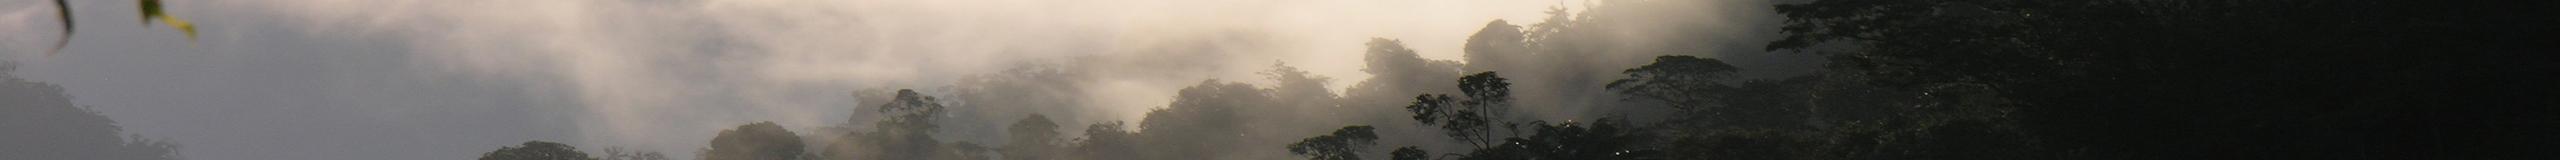 Équateur, Pays de contraste, </br>Andes, Amazonie et côte Pacifique